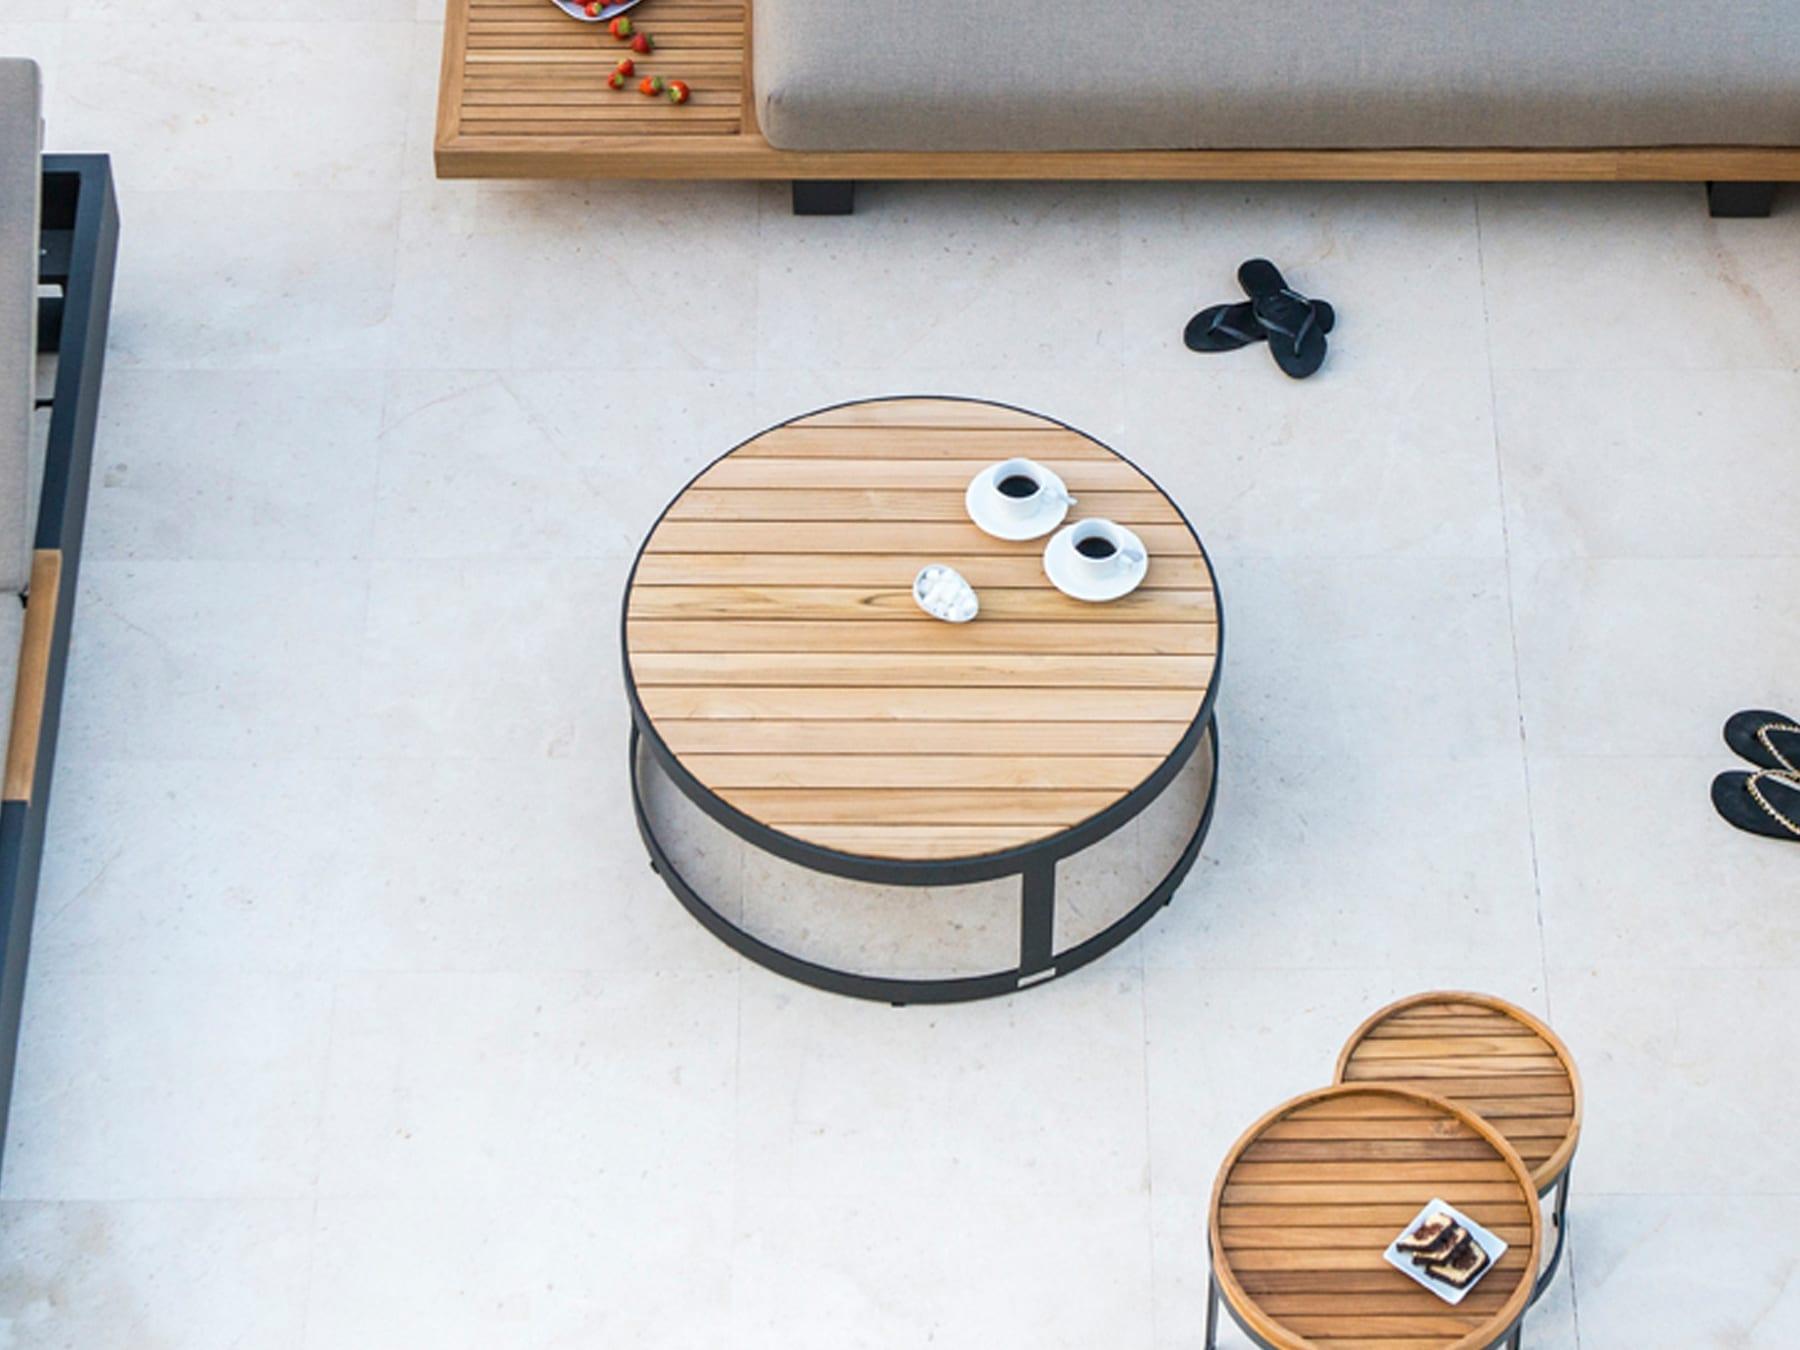 Jati Kebon Adagio Side Table 2